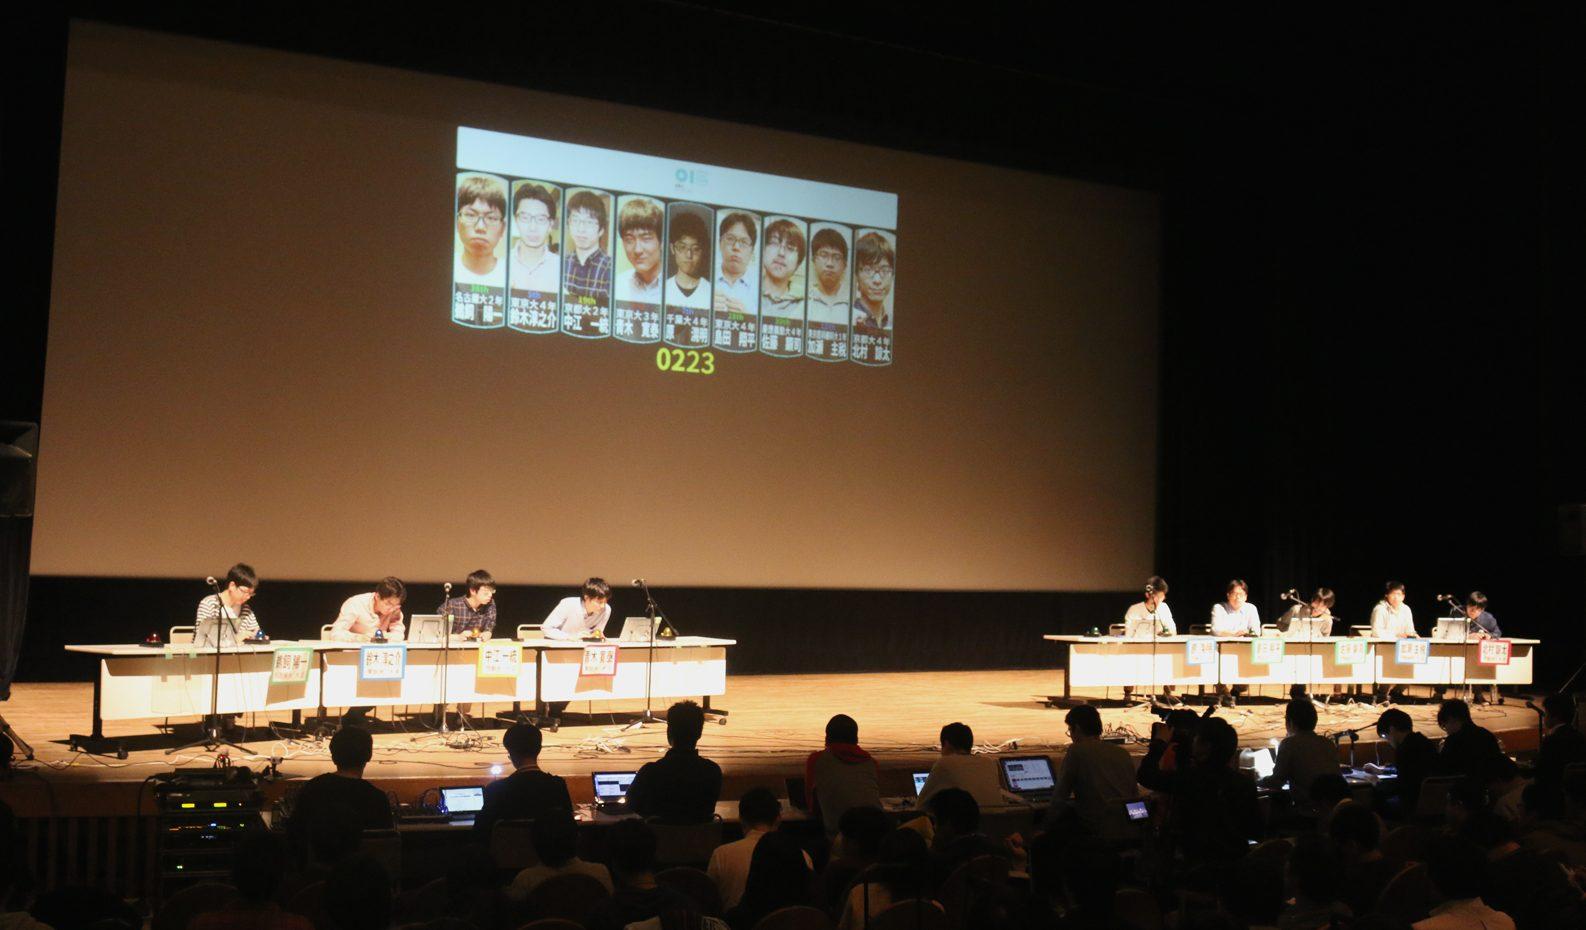 東大・鈴木淳之介が団体戦『EQIDEN2017』と個人戦『abc the 15th』を完全制覇!